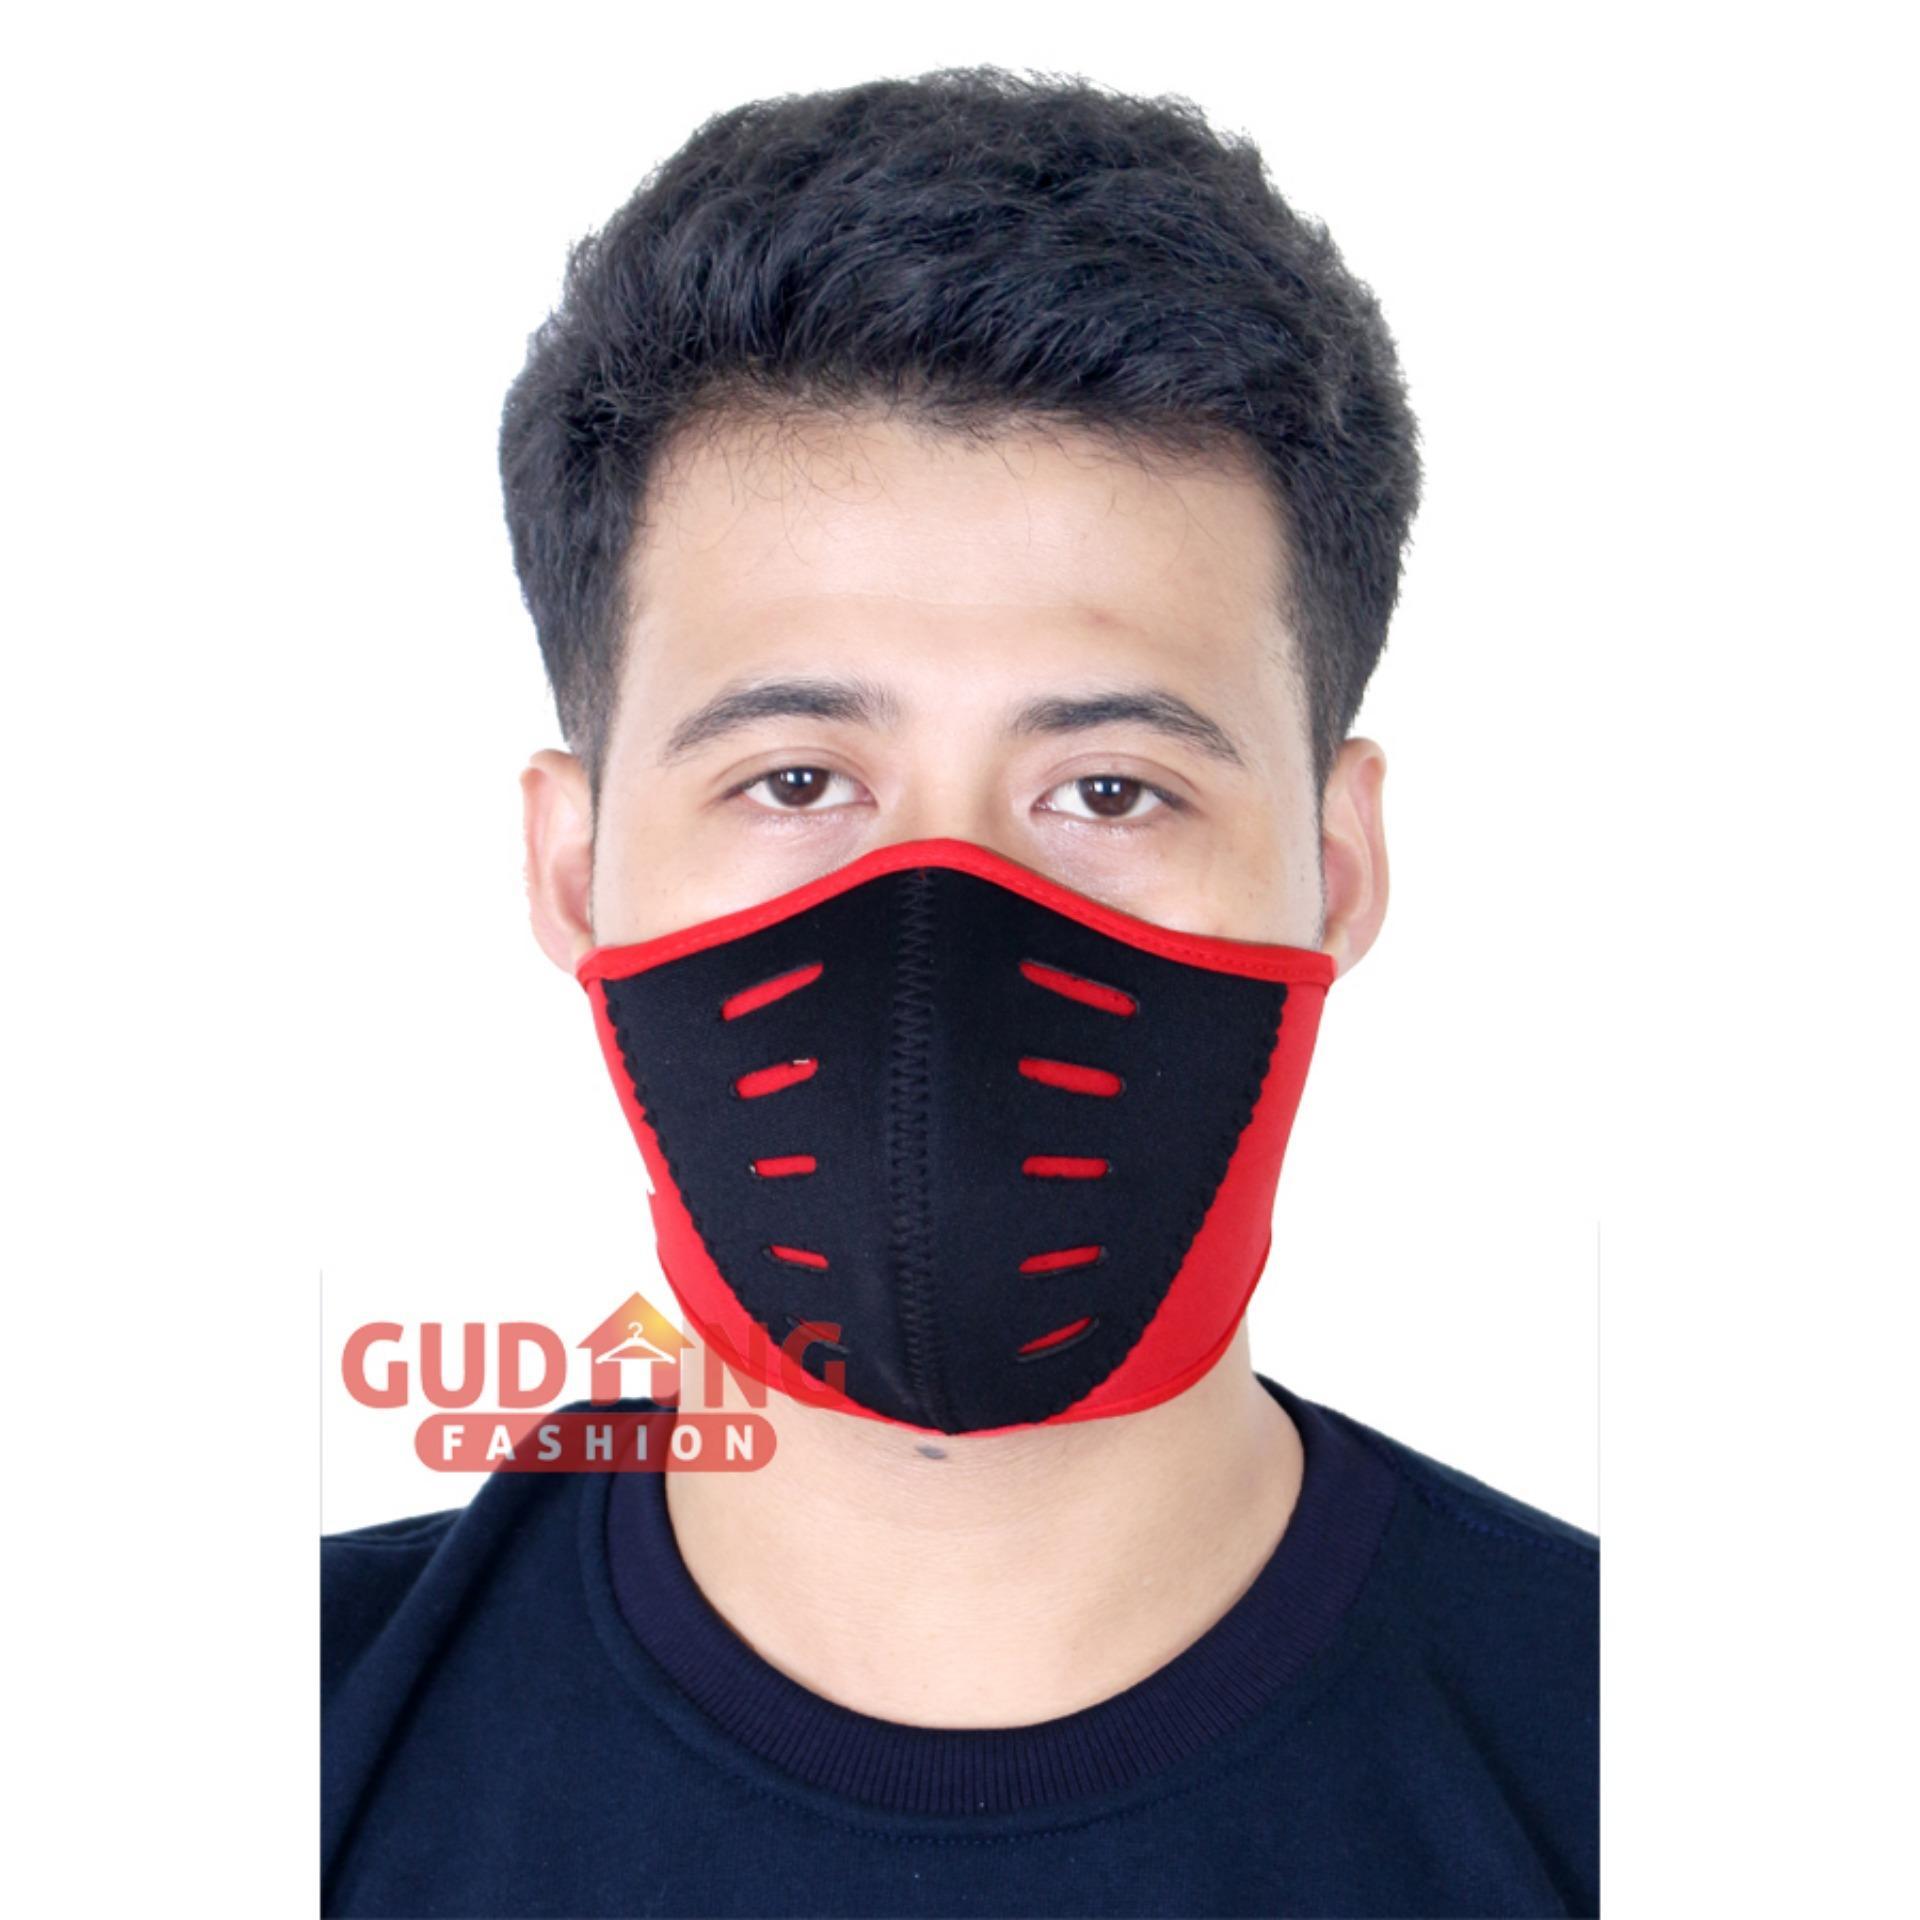 Anggaran Terbaik Gudang Fashion Masker Pengendara Sepeda Motor Rajamotor Perlengkapan Balaclava Full 3 M Dengan Hitam Nolan Merah